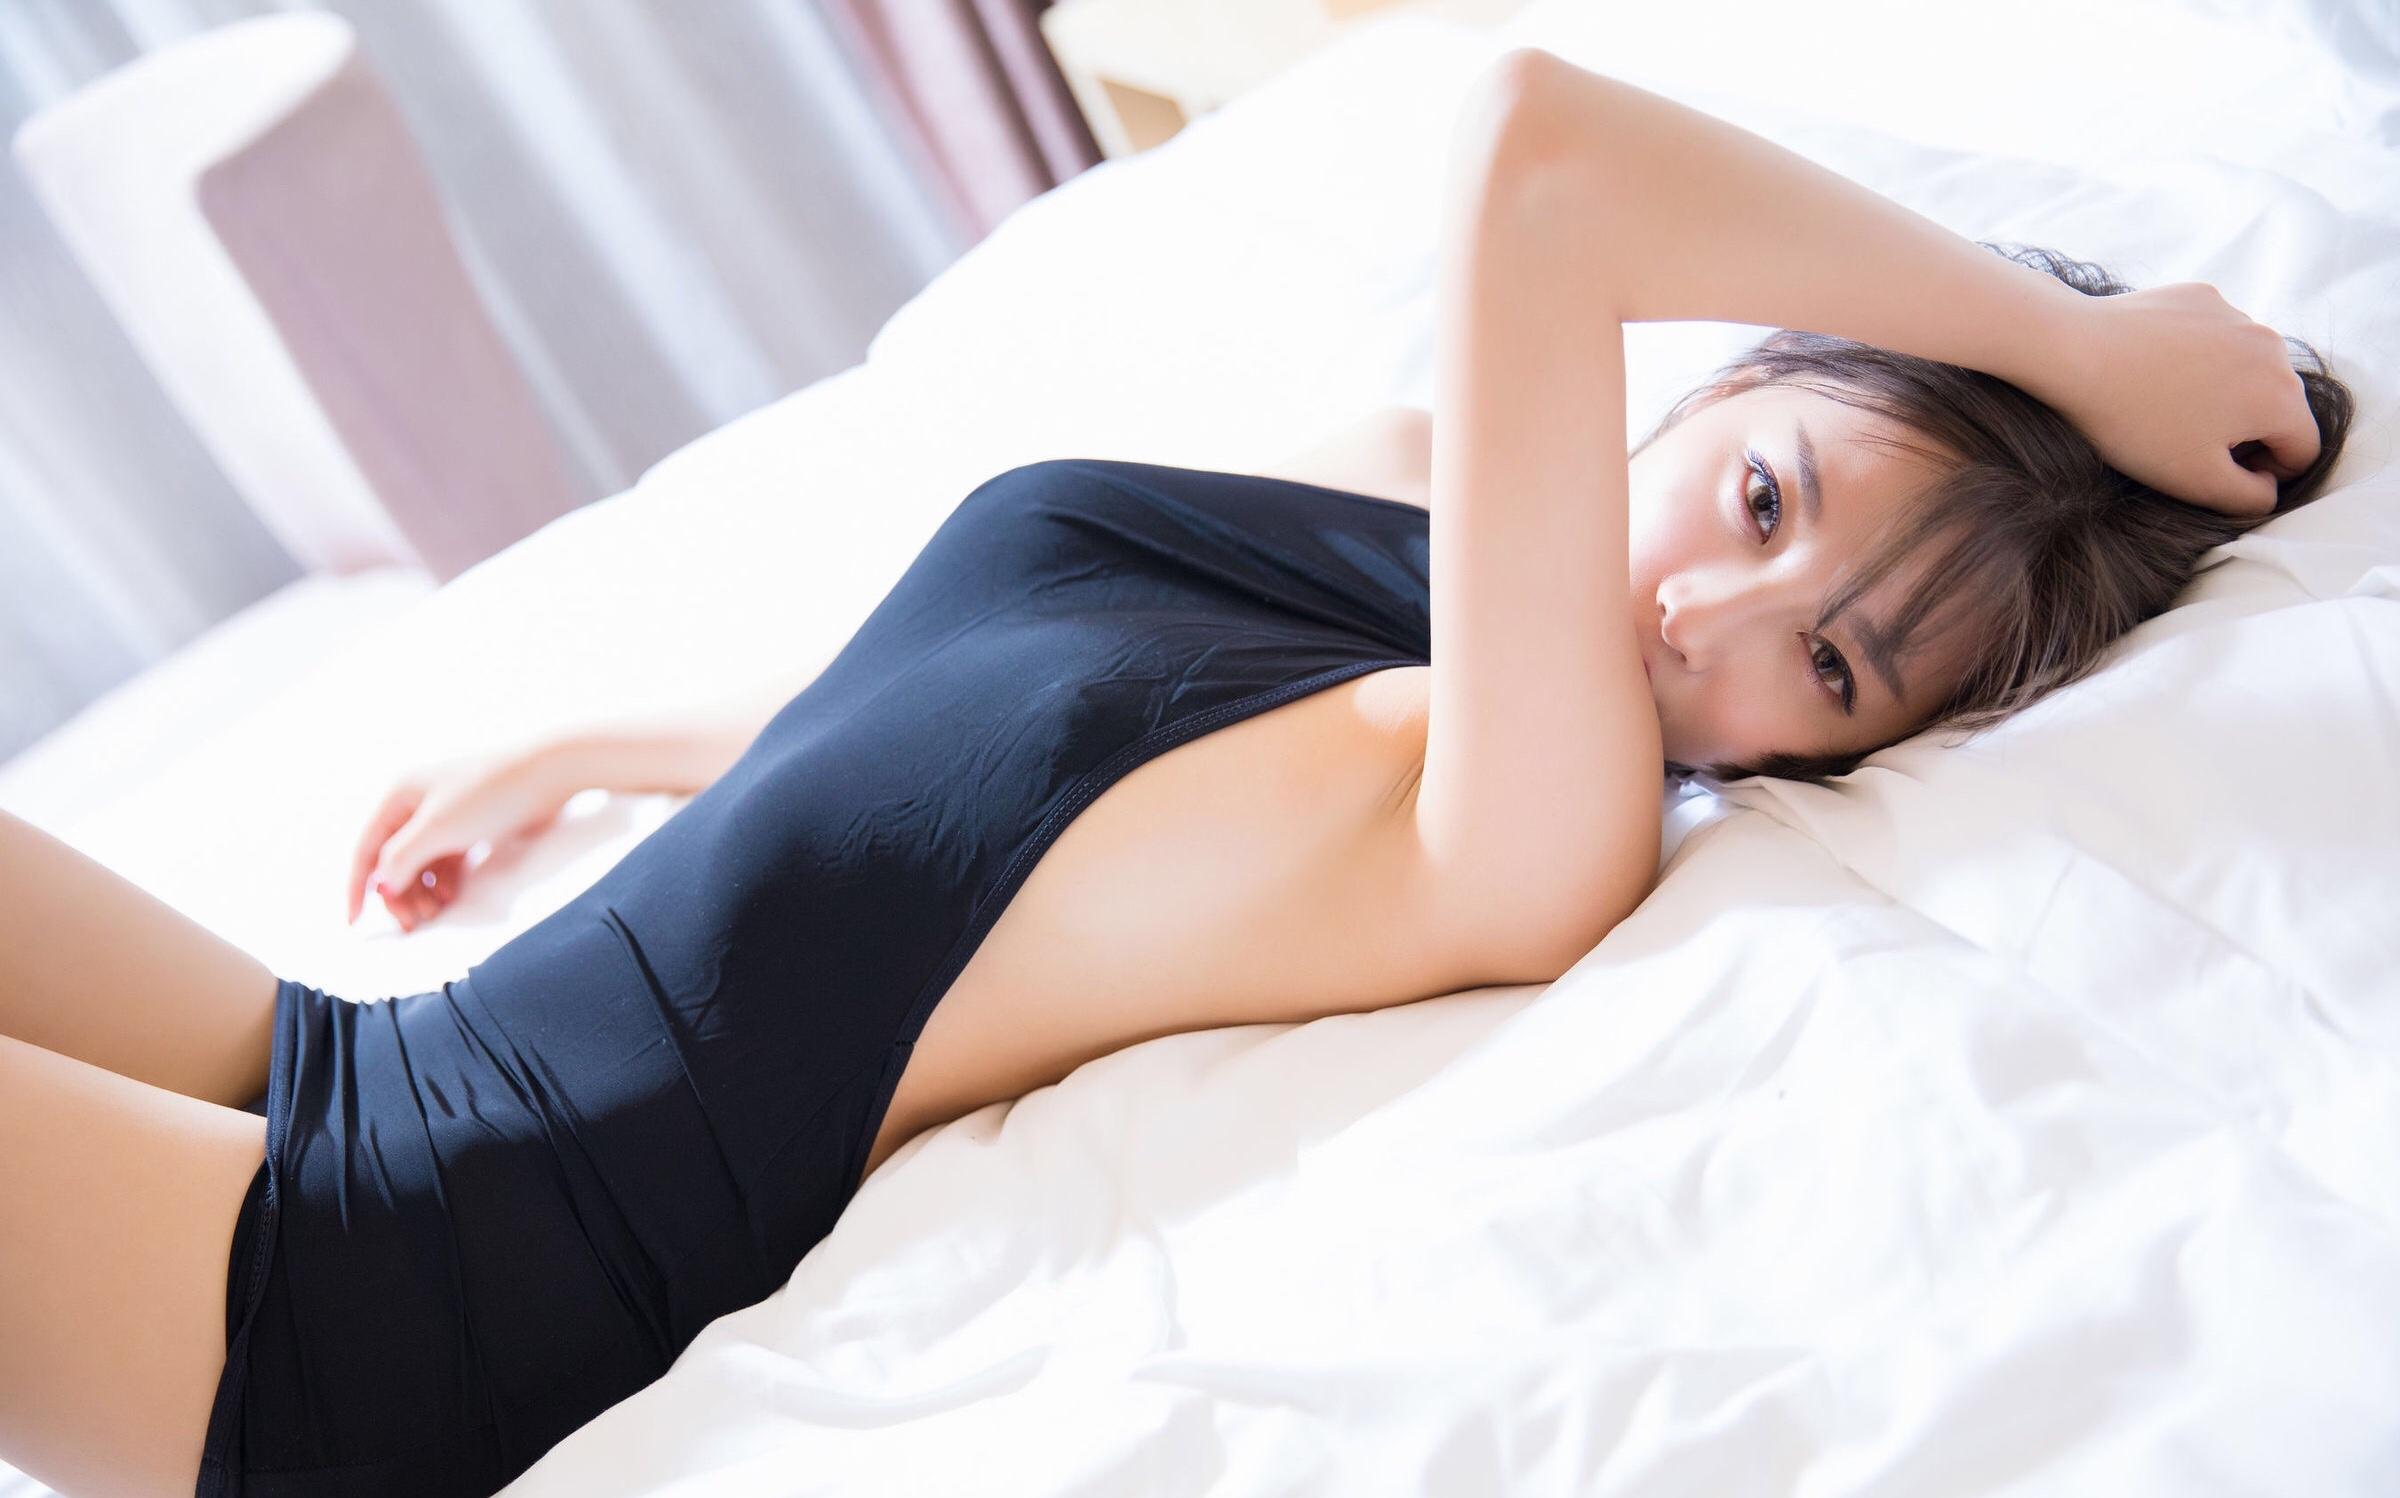 杨晨晨のセクシーすぎるボディコンドレス 15